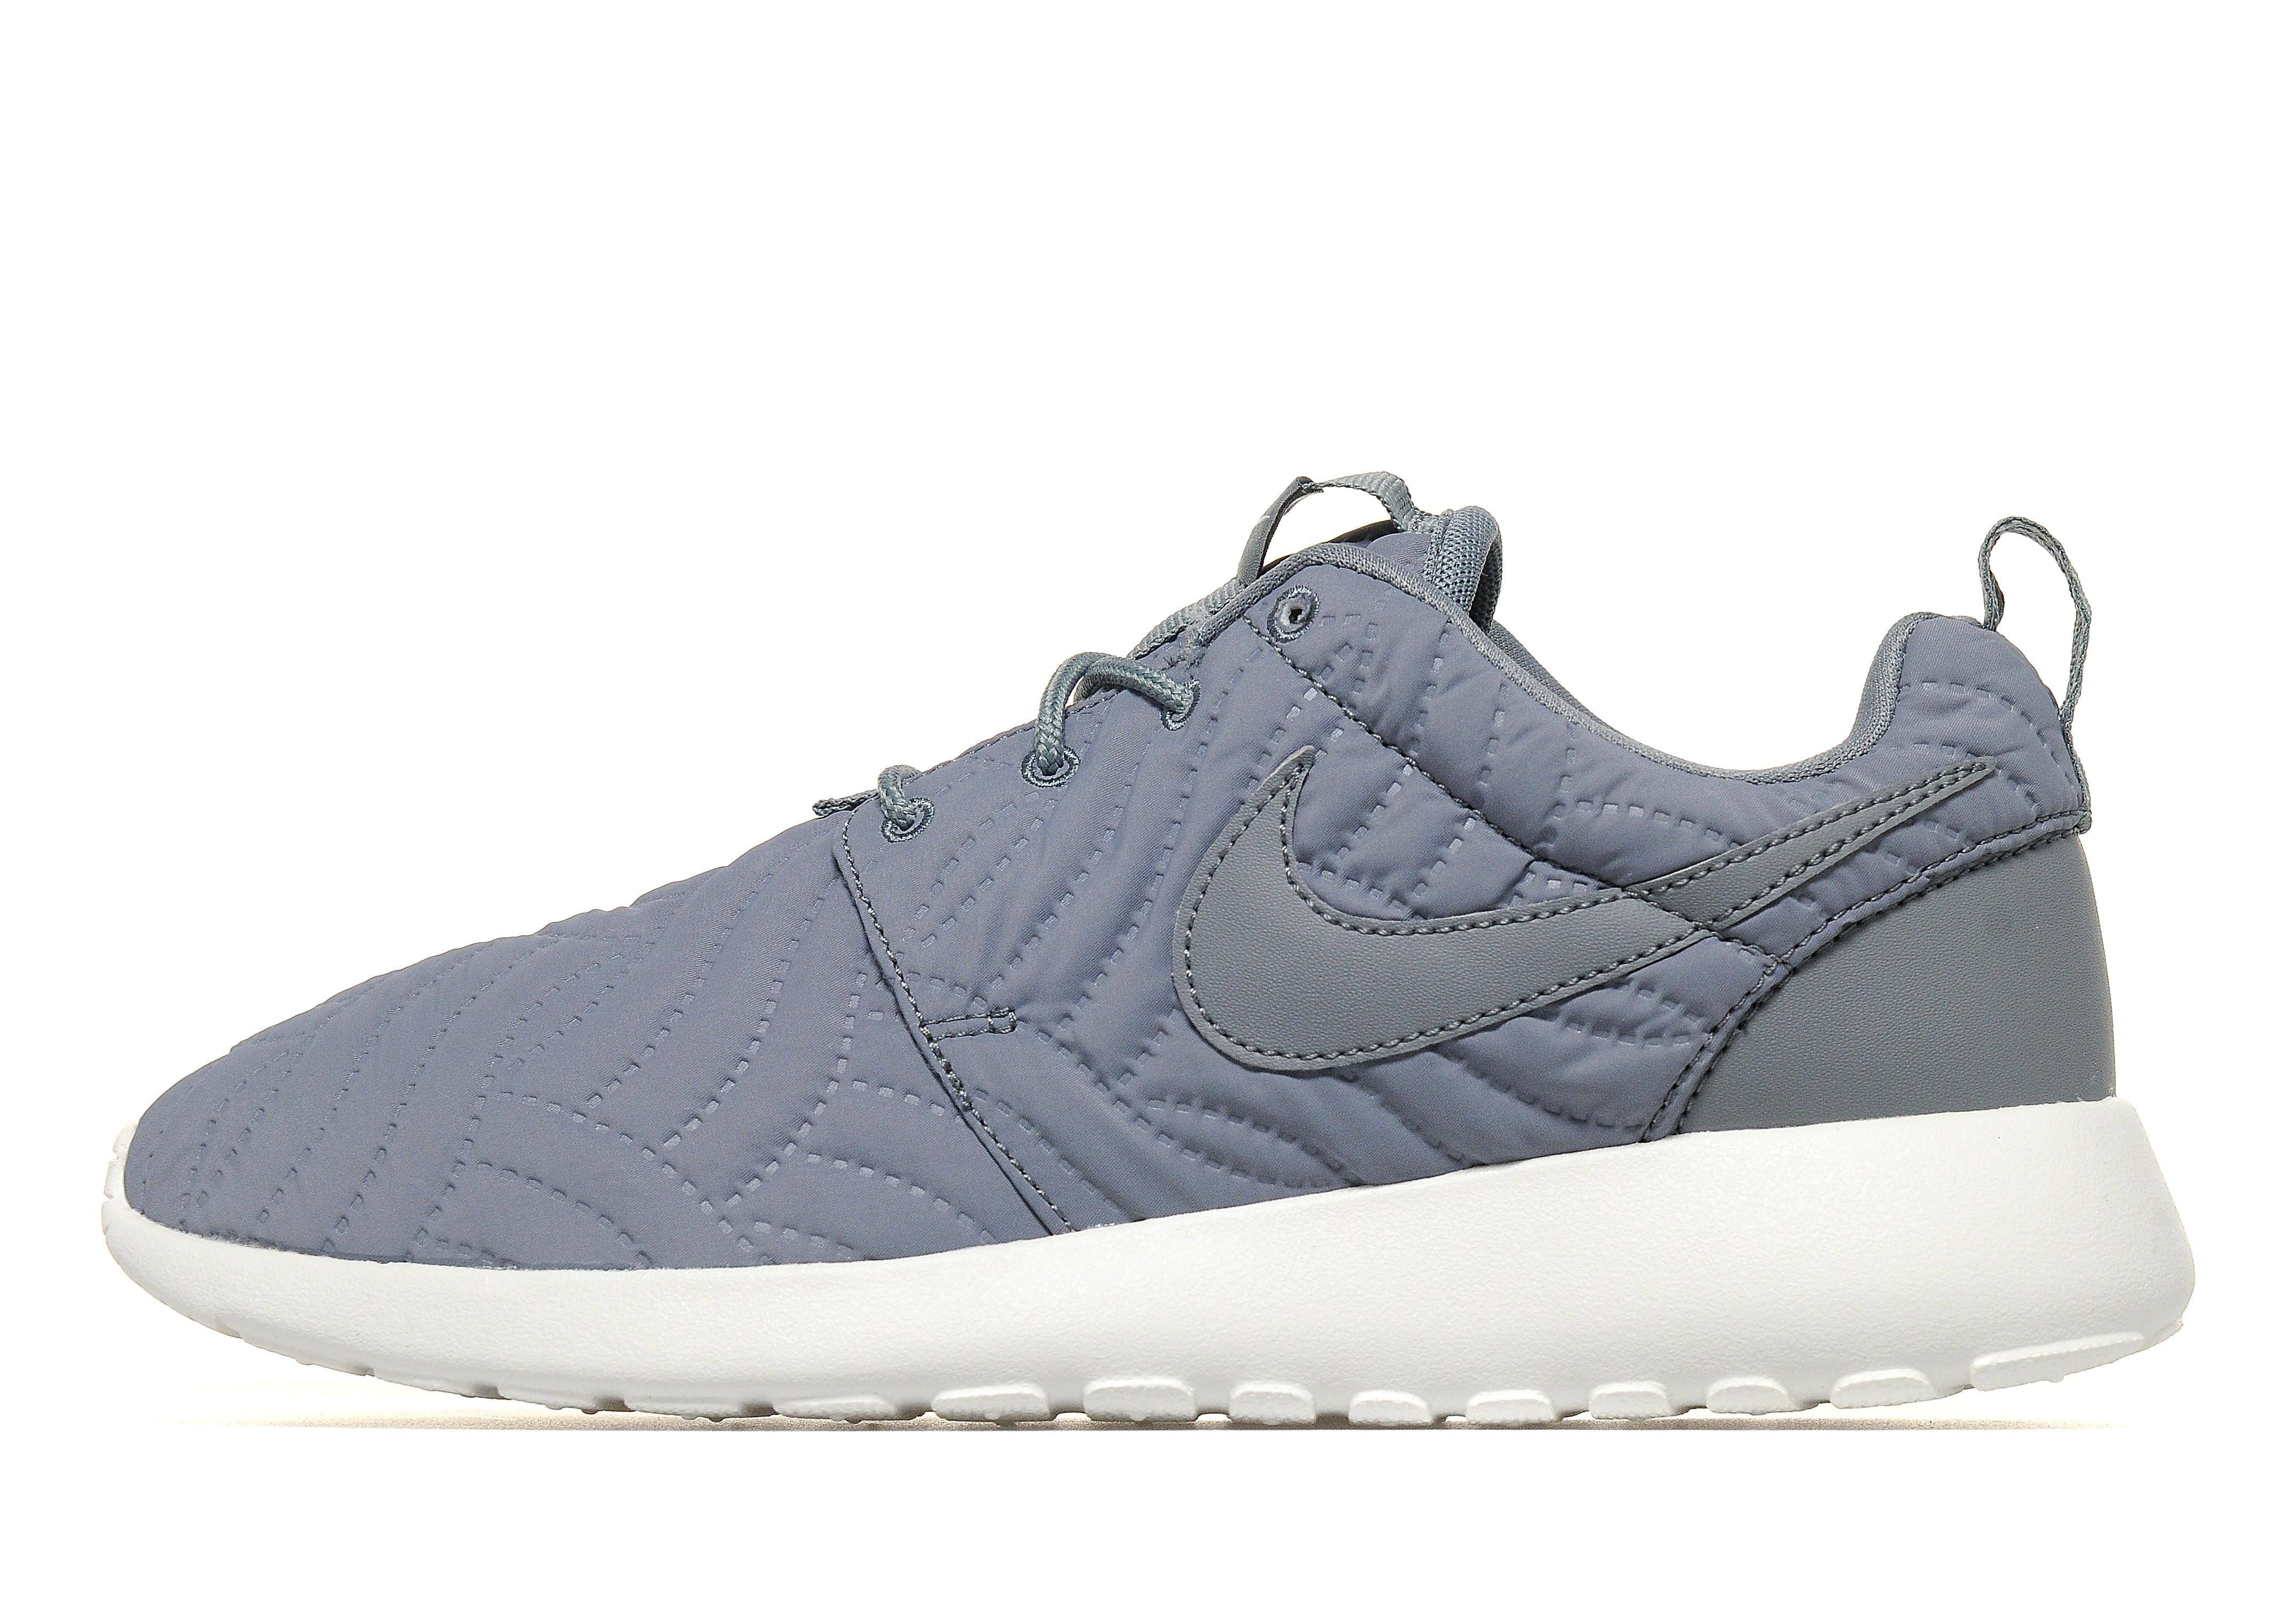 Nike Roshe Premium Women's